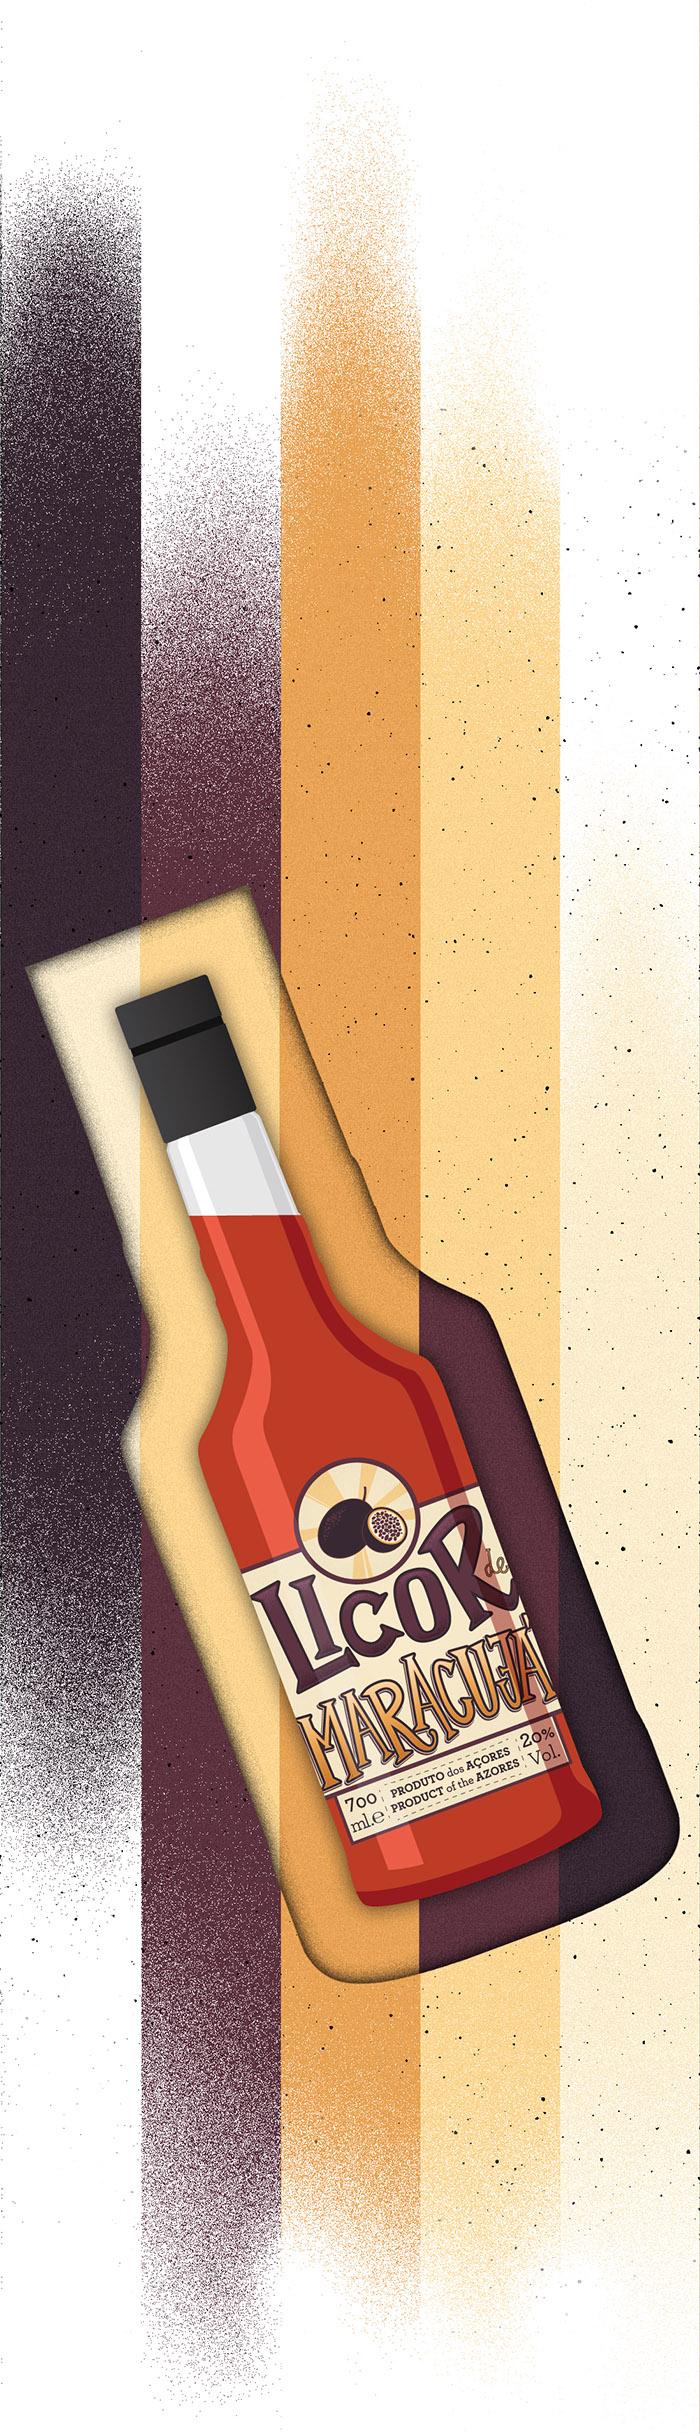 Liqueur labels2